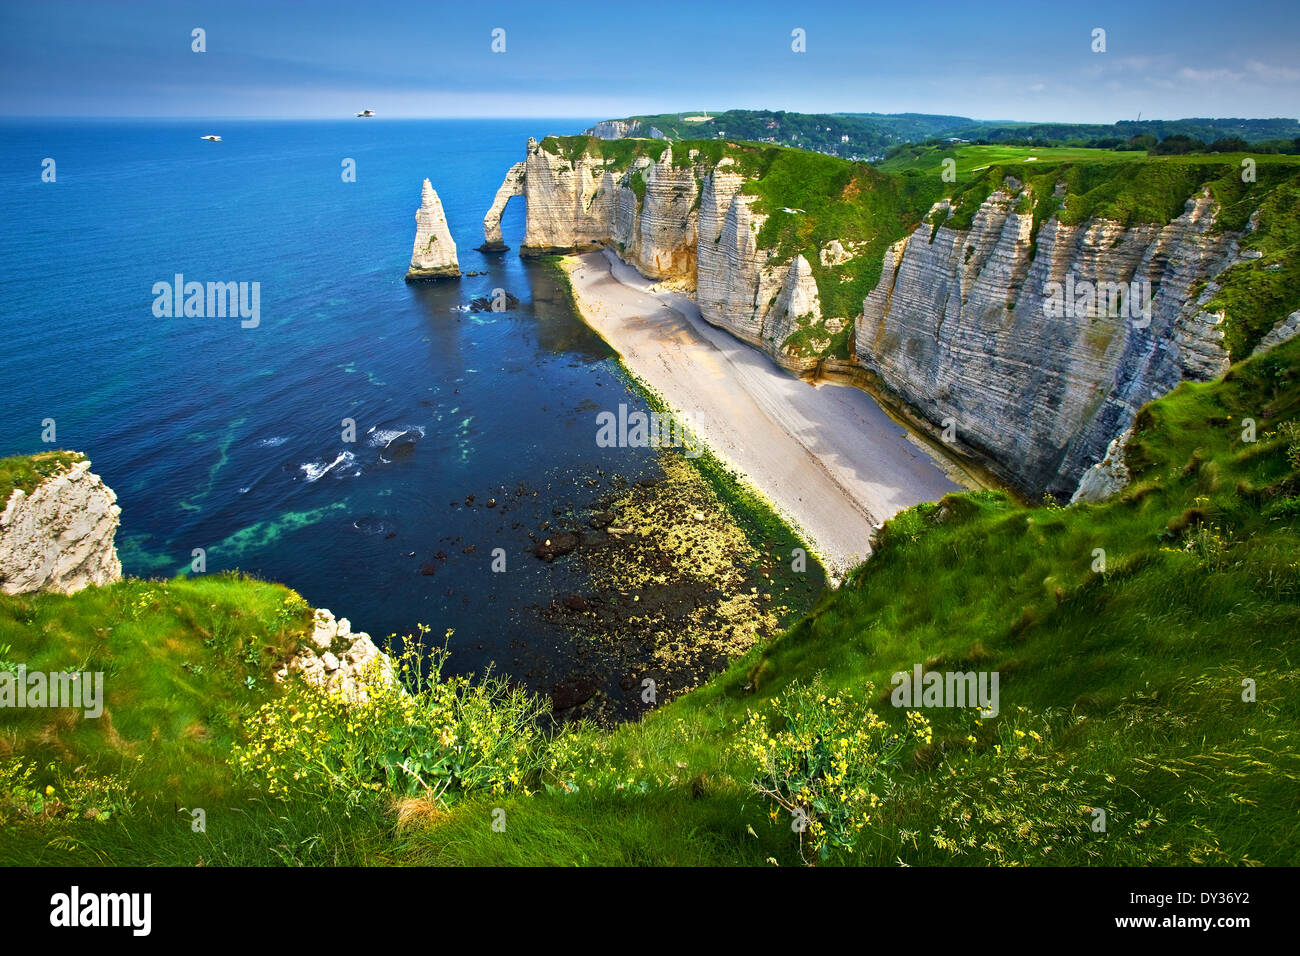 Los acantilados de Etretat en la costa de Normandía, Francia Imagen De Stock